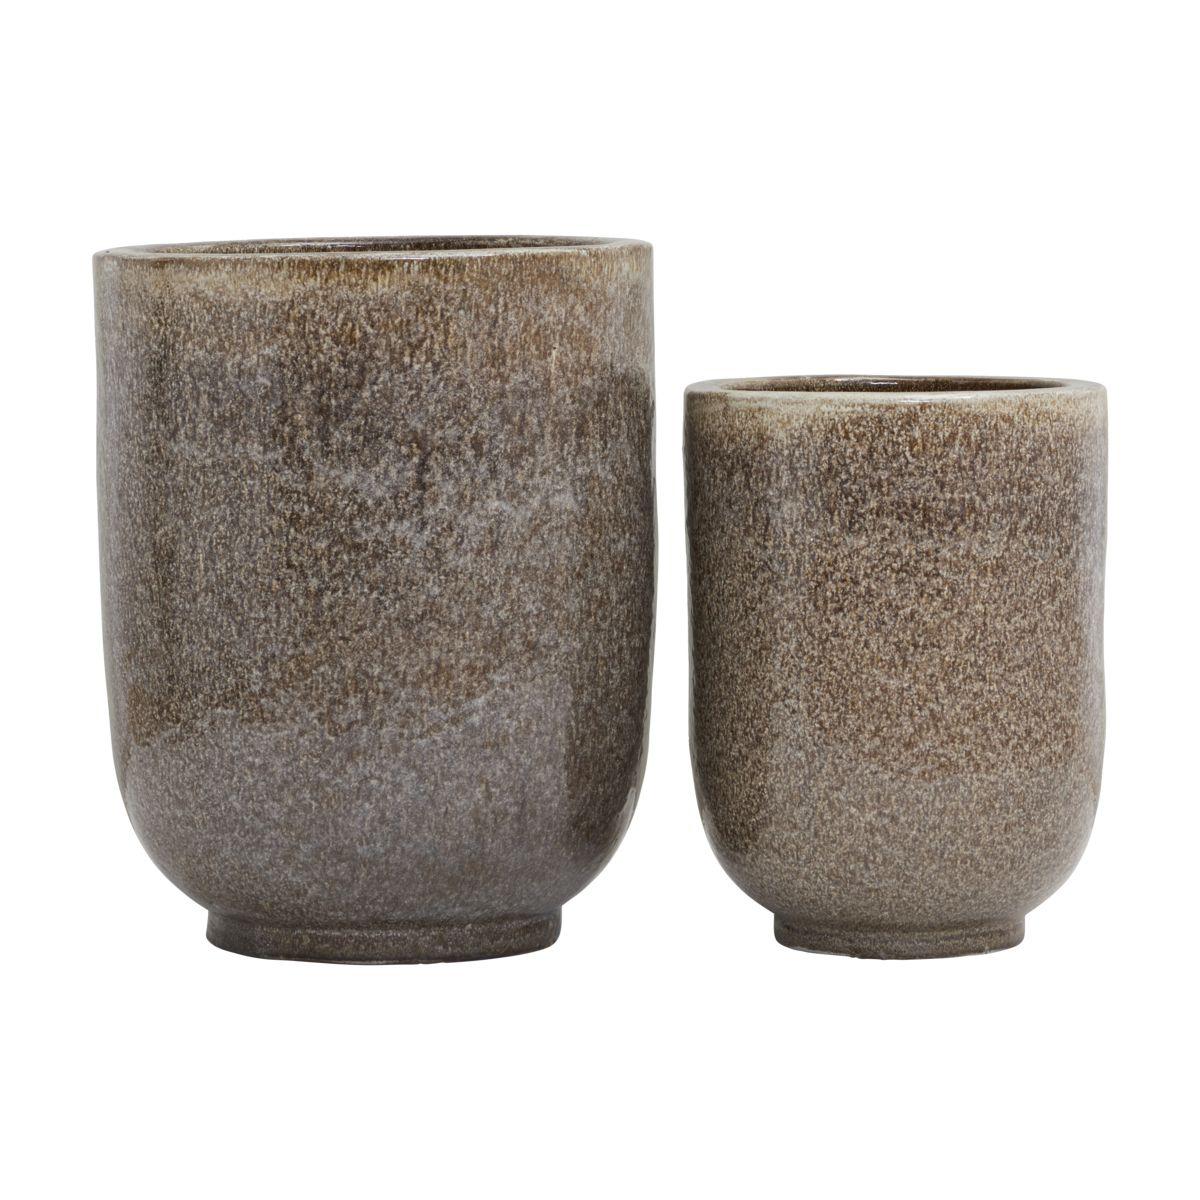 house doctor – House doctor pho potte - nougatfarvet keramik m. glasur (sæt m. 2) (ø 35/45) fra boboonline.dk